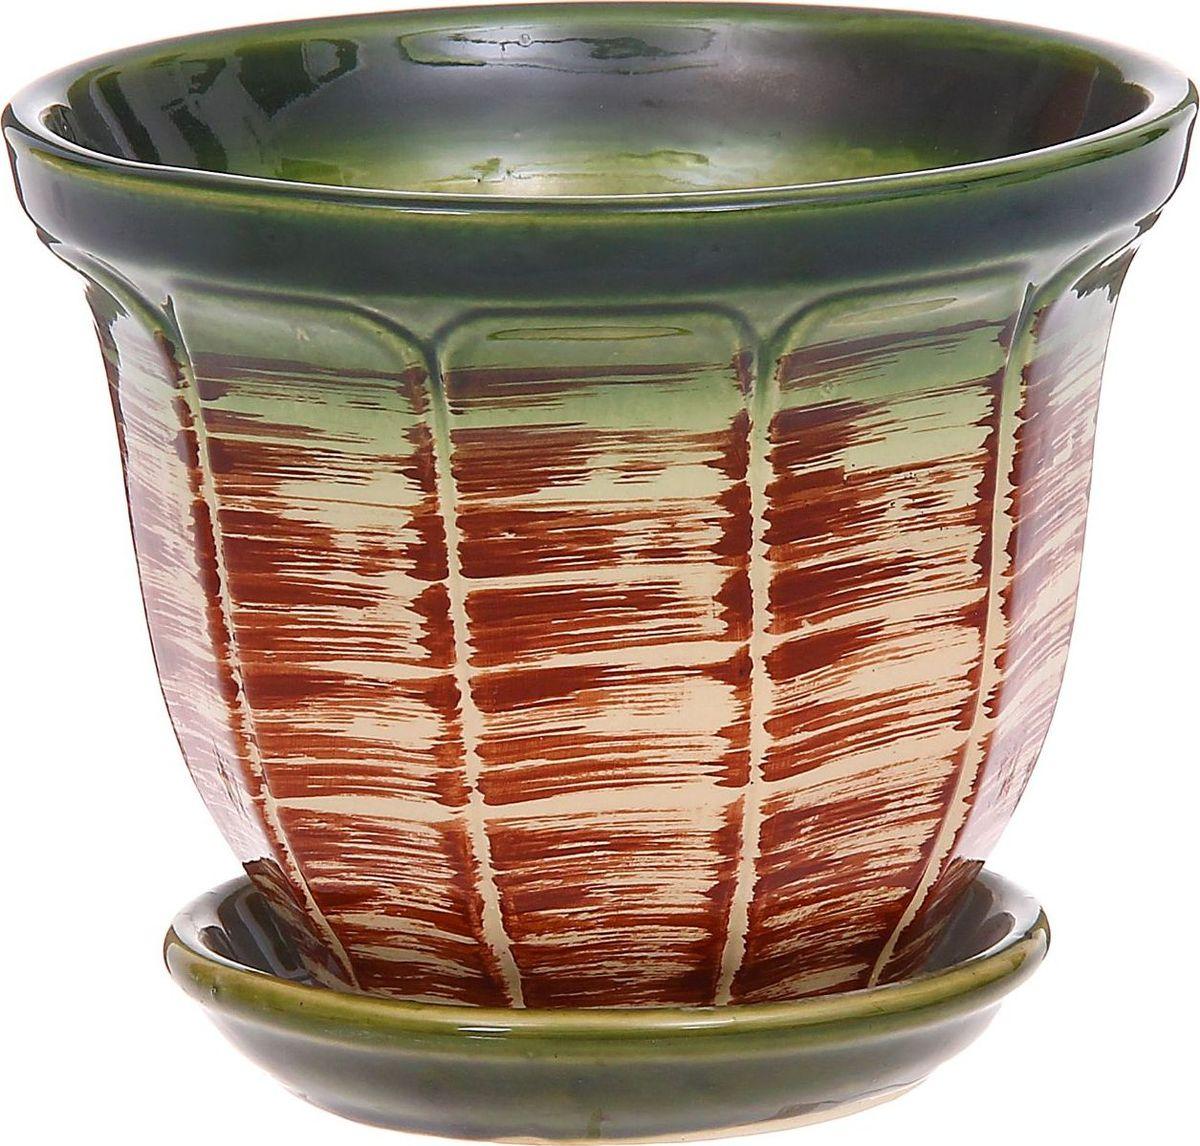 Кашпо Василек, цвет: зеленый, 2 л1185892Комнатные растения — всеобщие любимцы. Они радуют глаз, насыщают помещение кислородом и украшают пространство. Каждому из нихнеобходим свой удобный и красивый дом. Кашпо из керамики прекрасно подходят для высадки растений: за счет пластичности глины и разныхспособов обработки существует великое множество форм и дизайнов пористый материал позволяет испаряться лишней влаге воздух,необходимый для дыхания корней, проникает сквозь керамические стенки! Позаботится о зеленом питомце, освежит интерьер и подчеркнет егостиль.